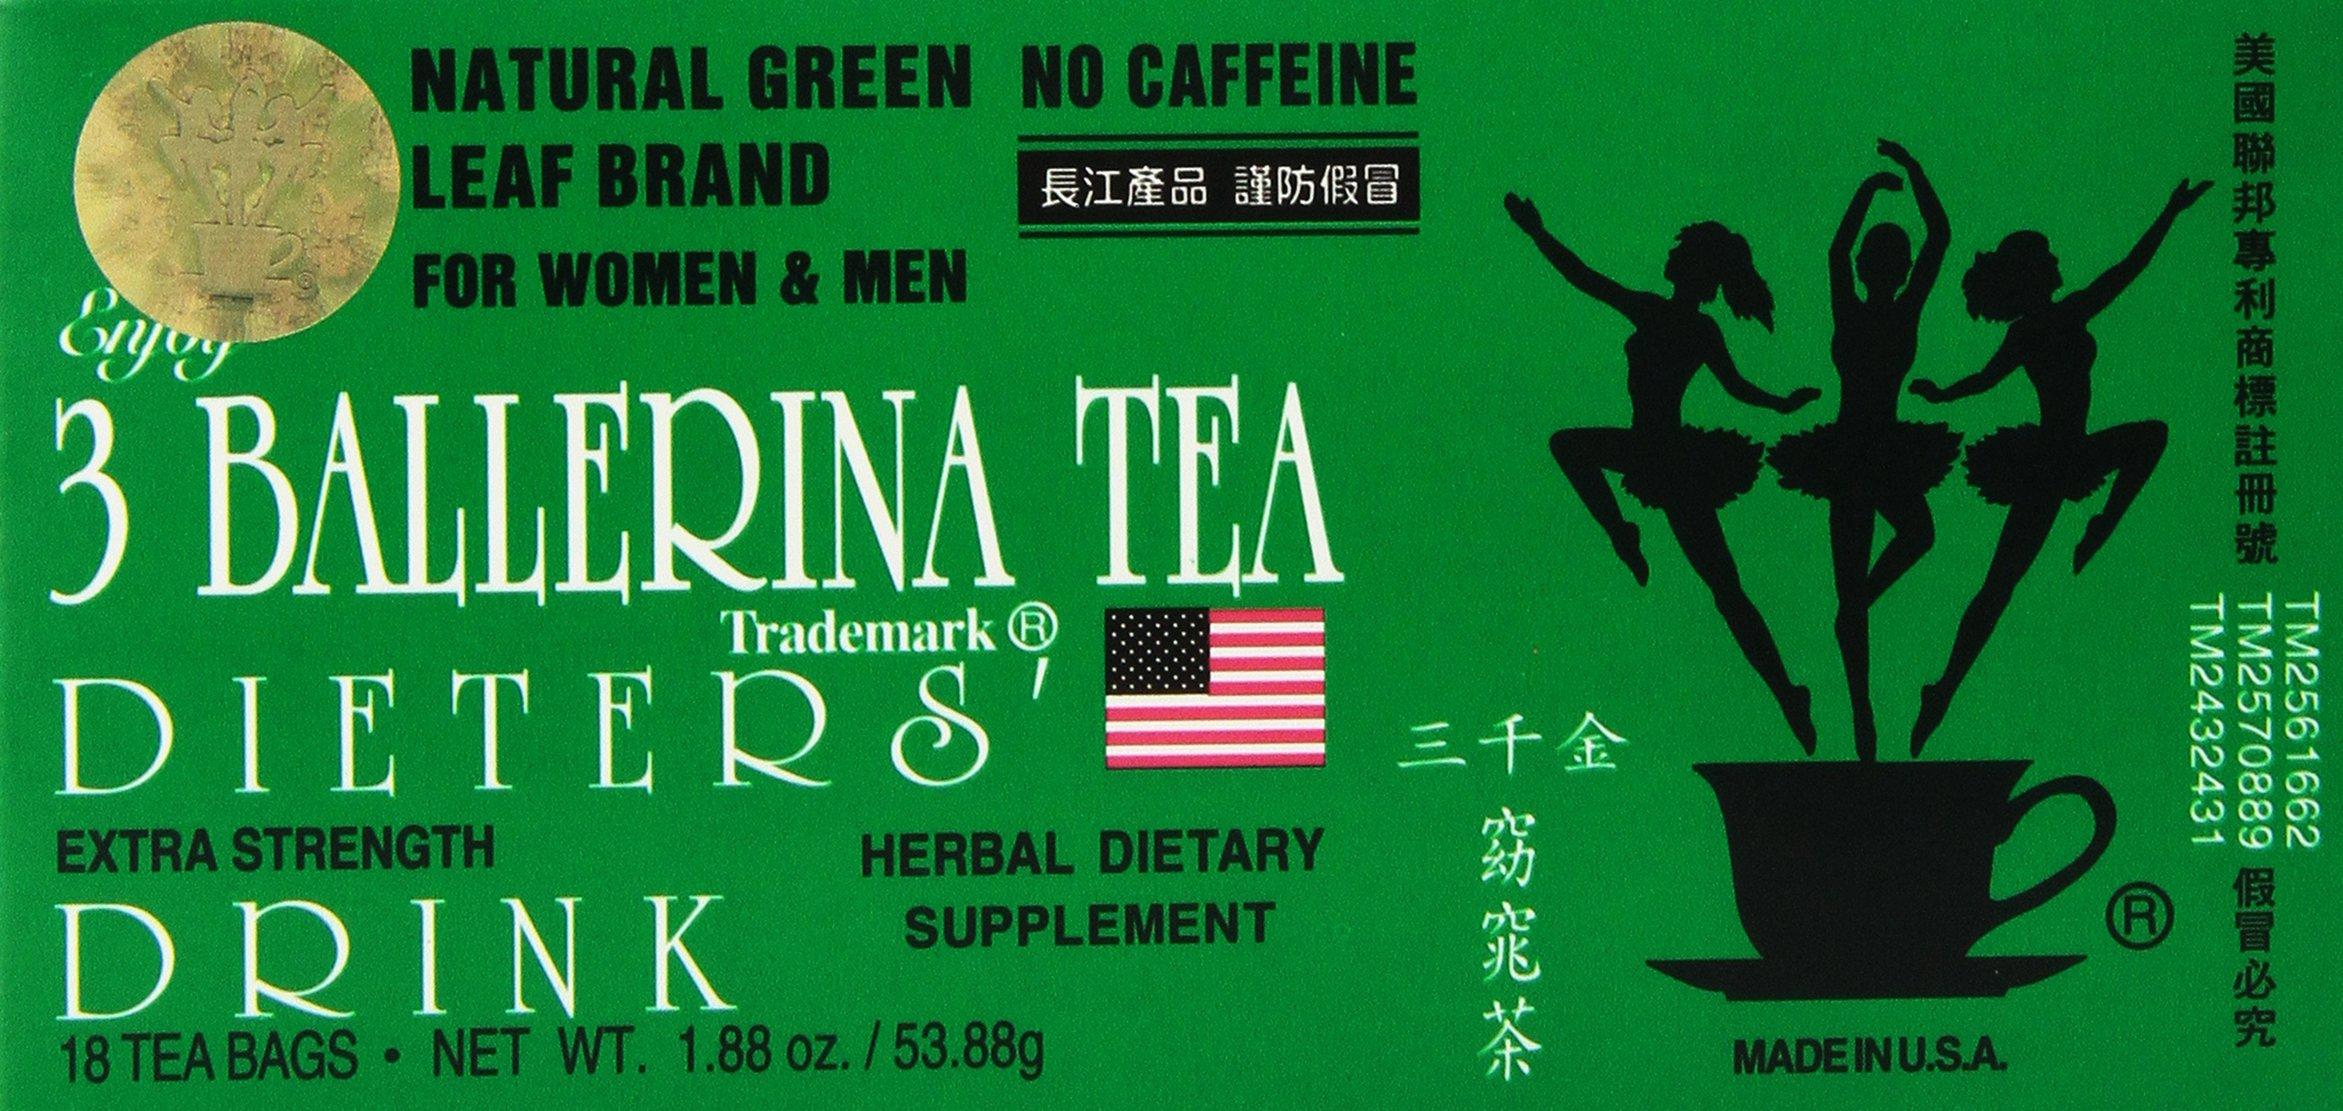 California Dieters Drink Herbal Tea Reviews